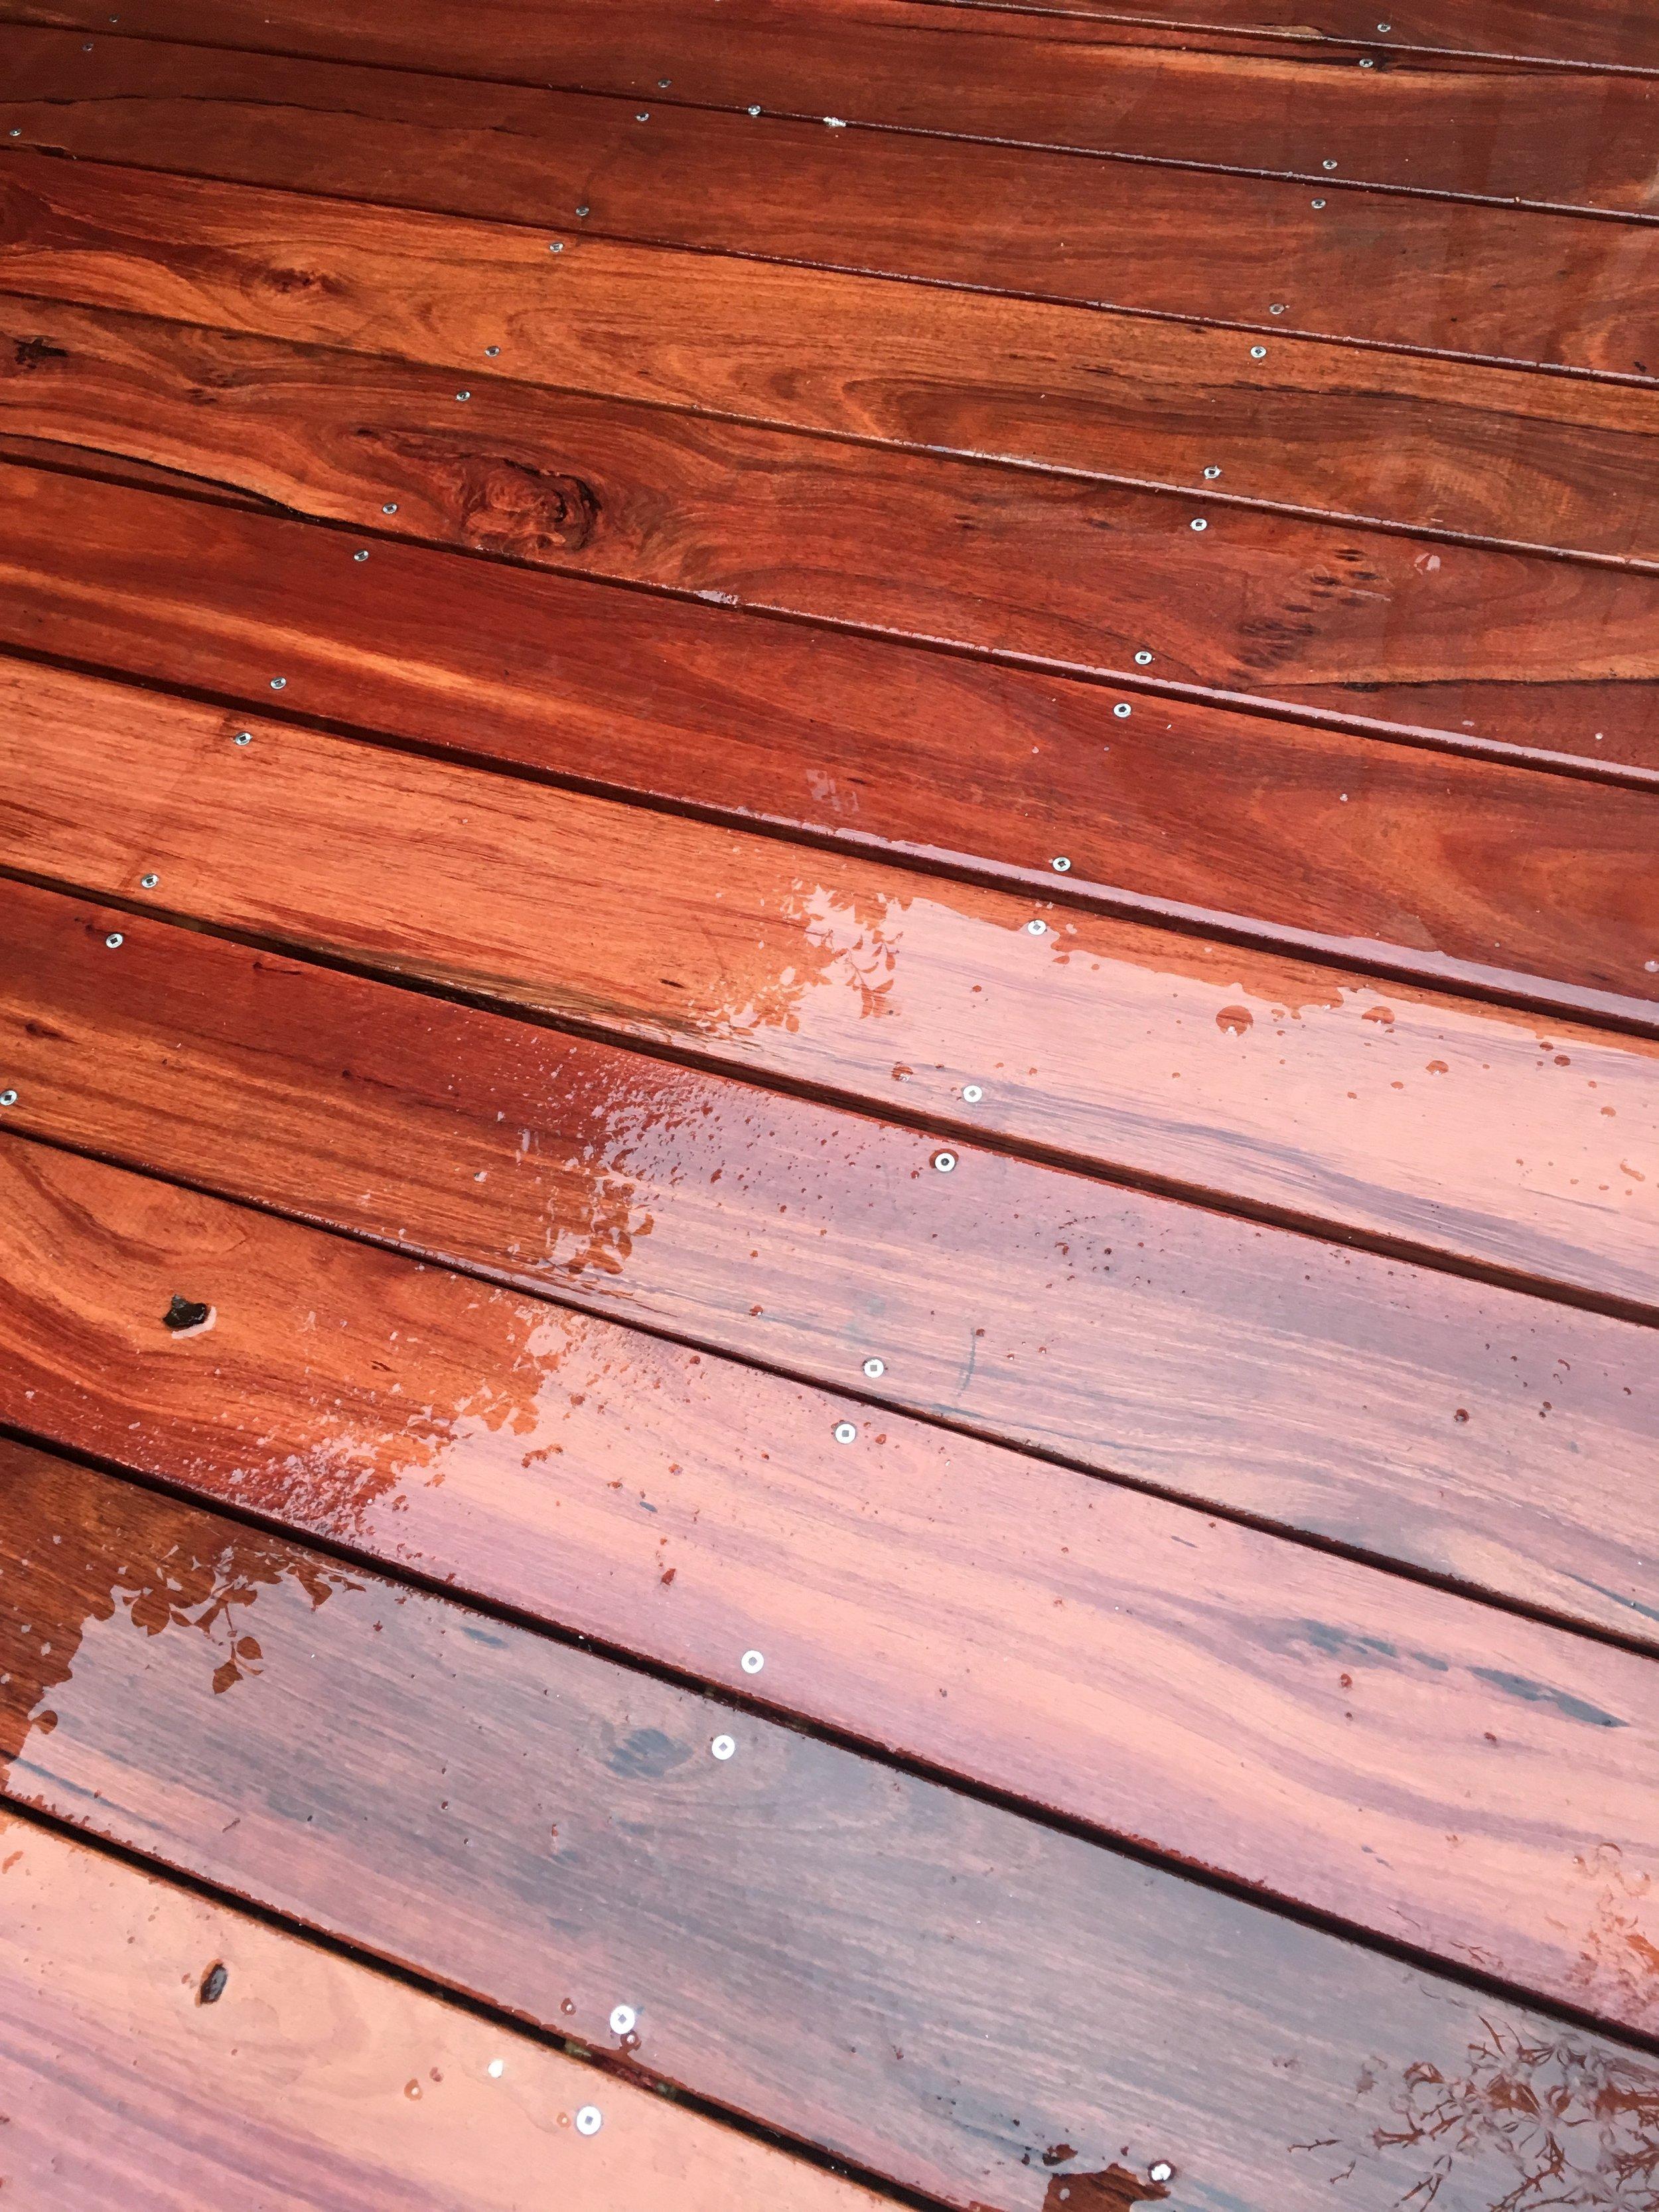 130x20 Jarrah Deck Boards. Countersunk Stainless Steel Screws.